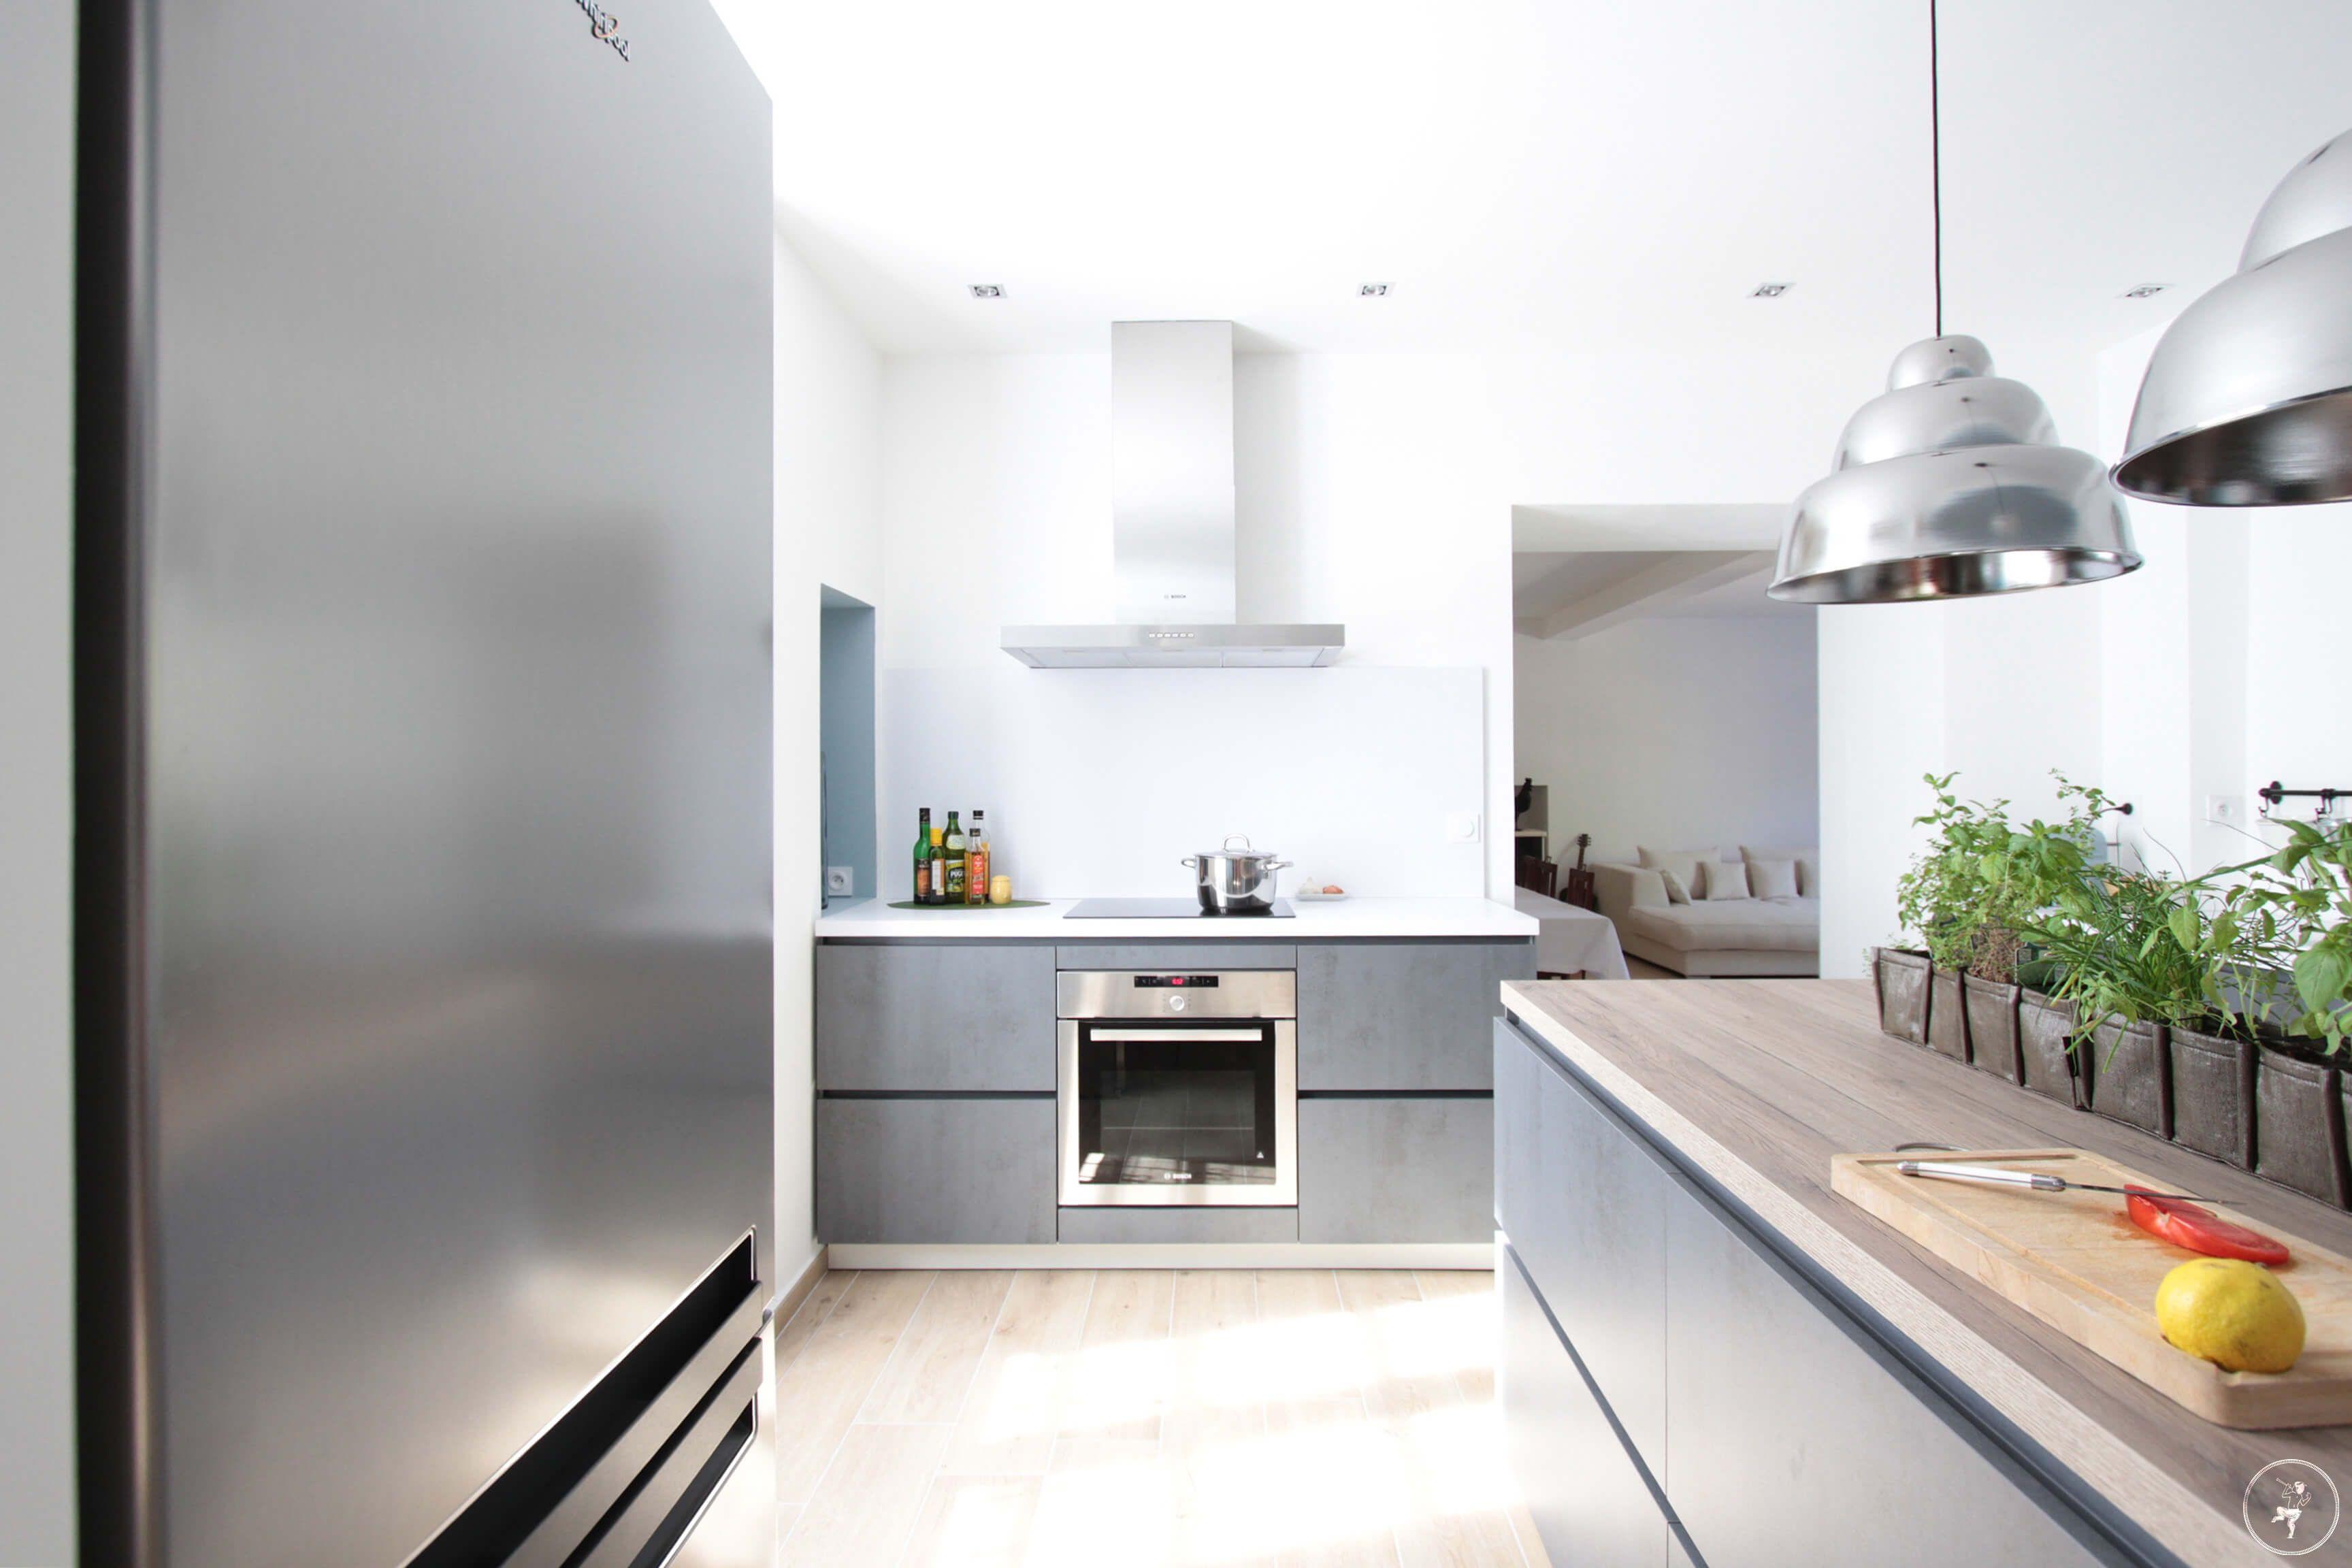 anne astrid rencontre un archi prenez rendez vous avec. Black Bedroom Furniture Sets. Home Design Ideas